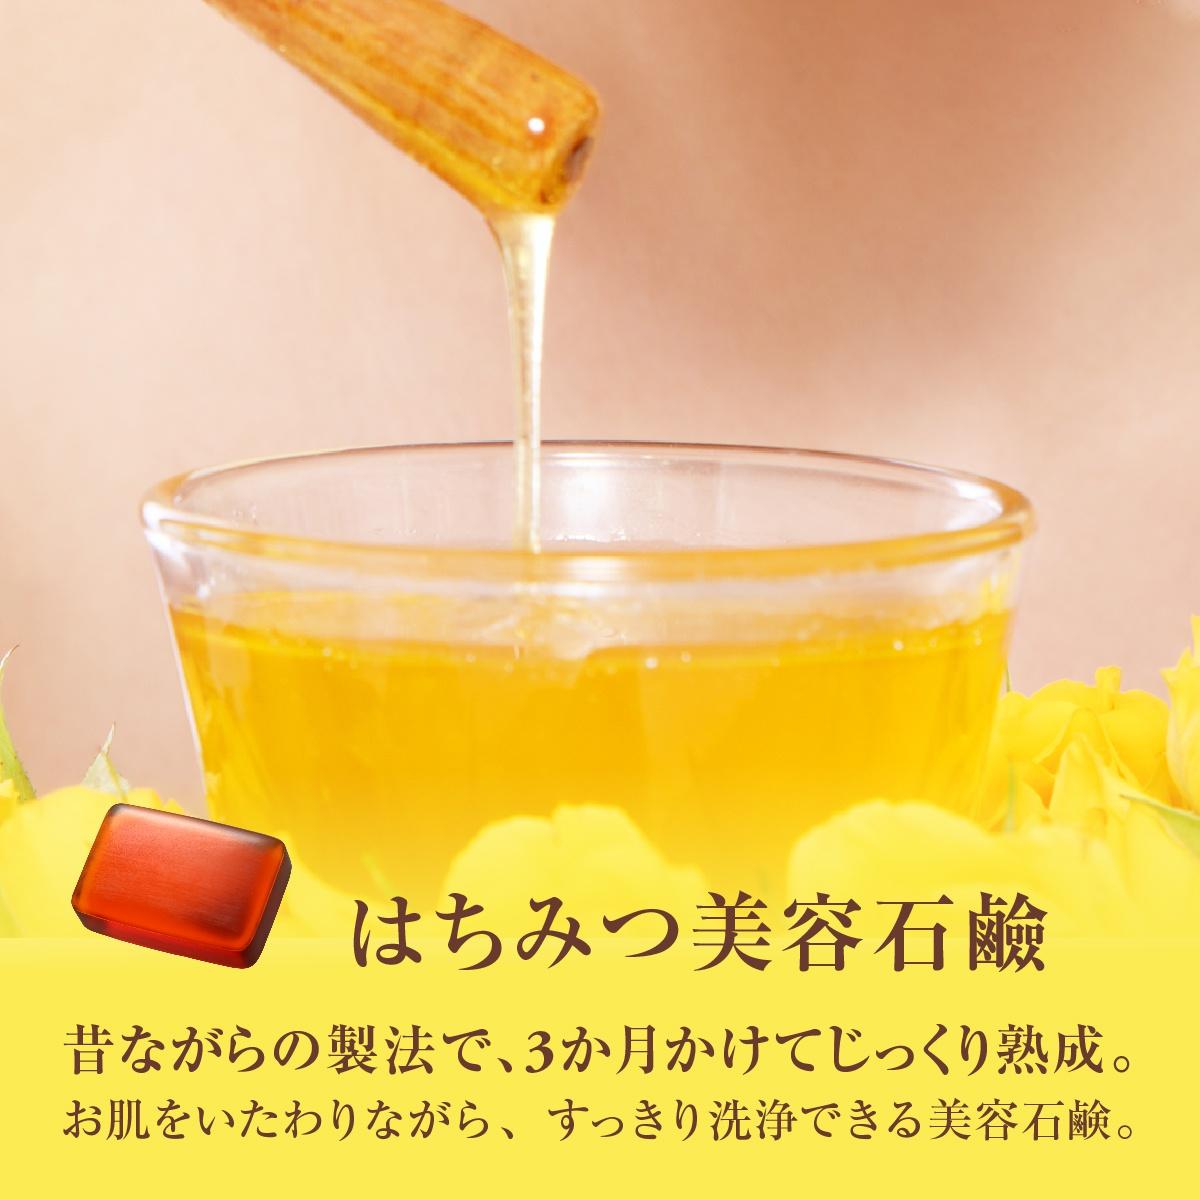 メイコー化粧品(MEIKO) オクタードEX サボンRHの商品画像3